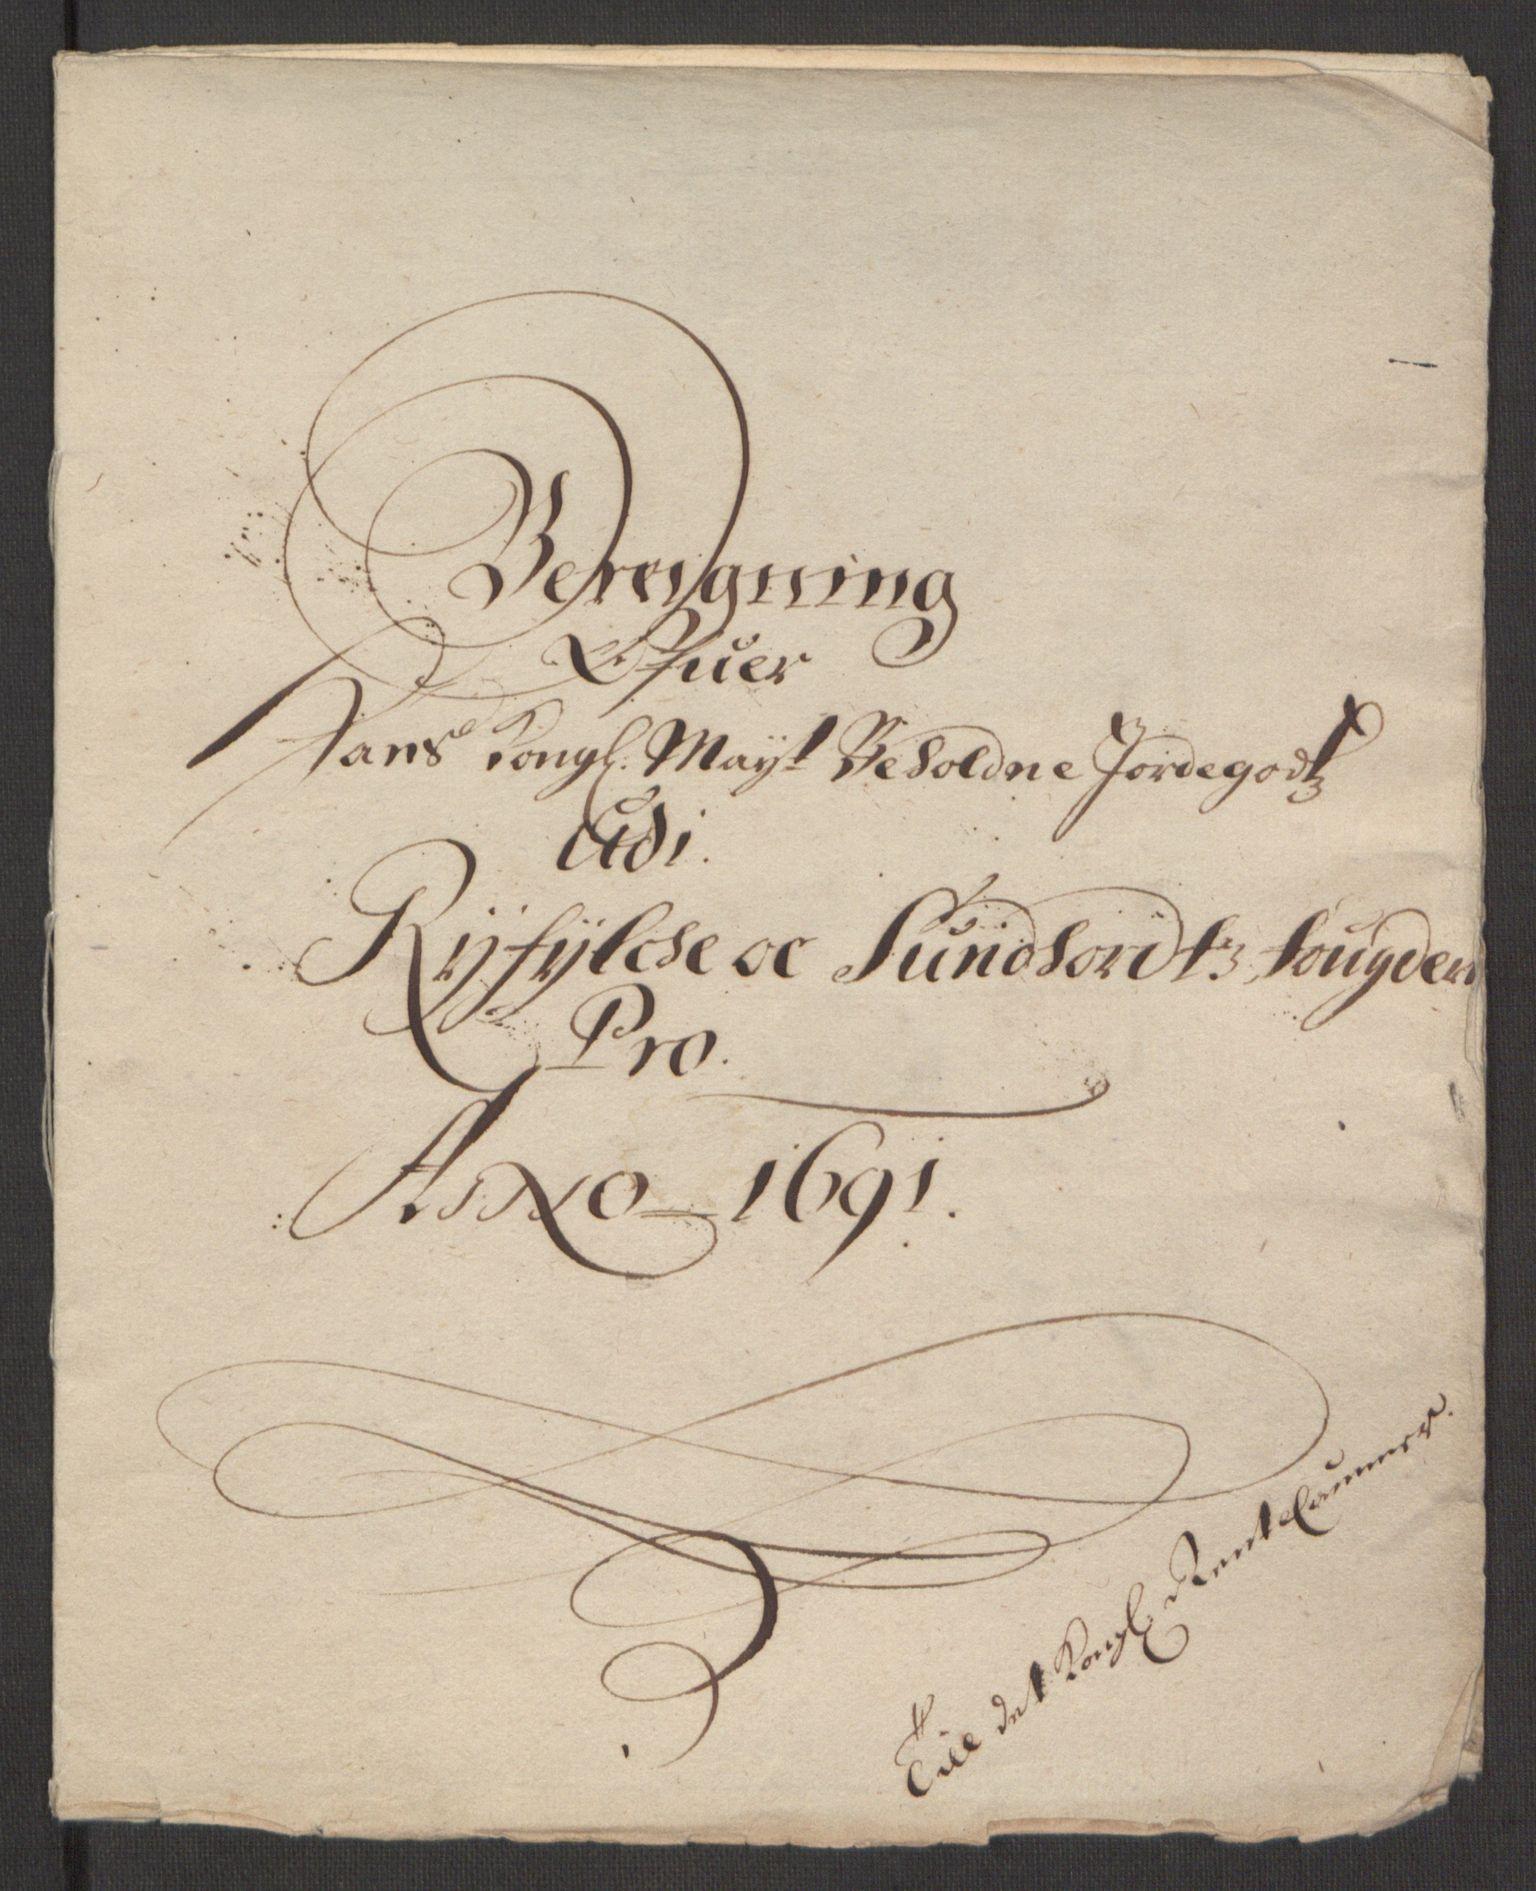 RA, Rentekammeret inntil 1814, Reviderte regnskaper, Fogderegnskap, R48/L2973: Fogderegnskap Sunnhordland og Hardanger, 1691-1692, s. 12